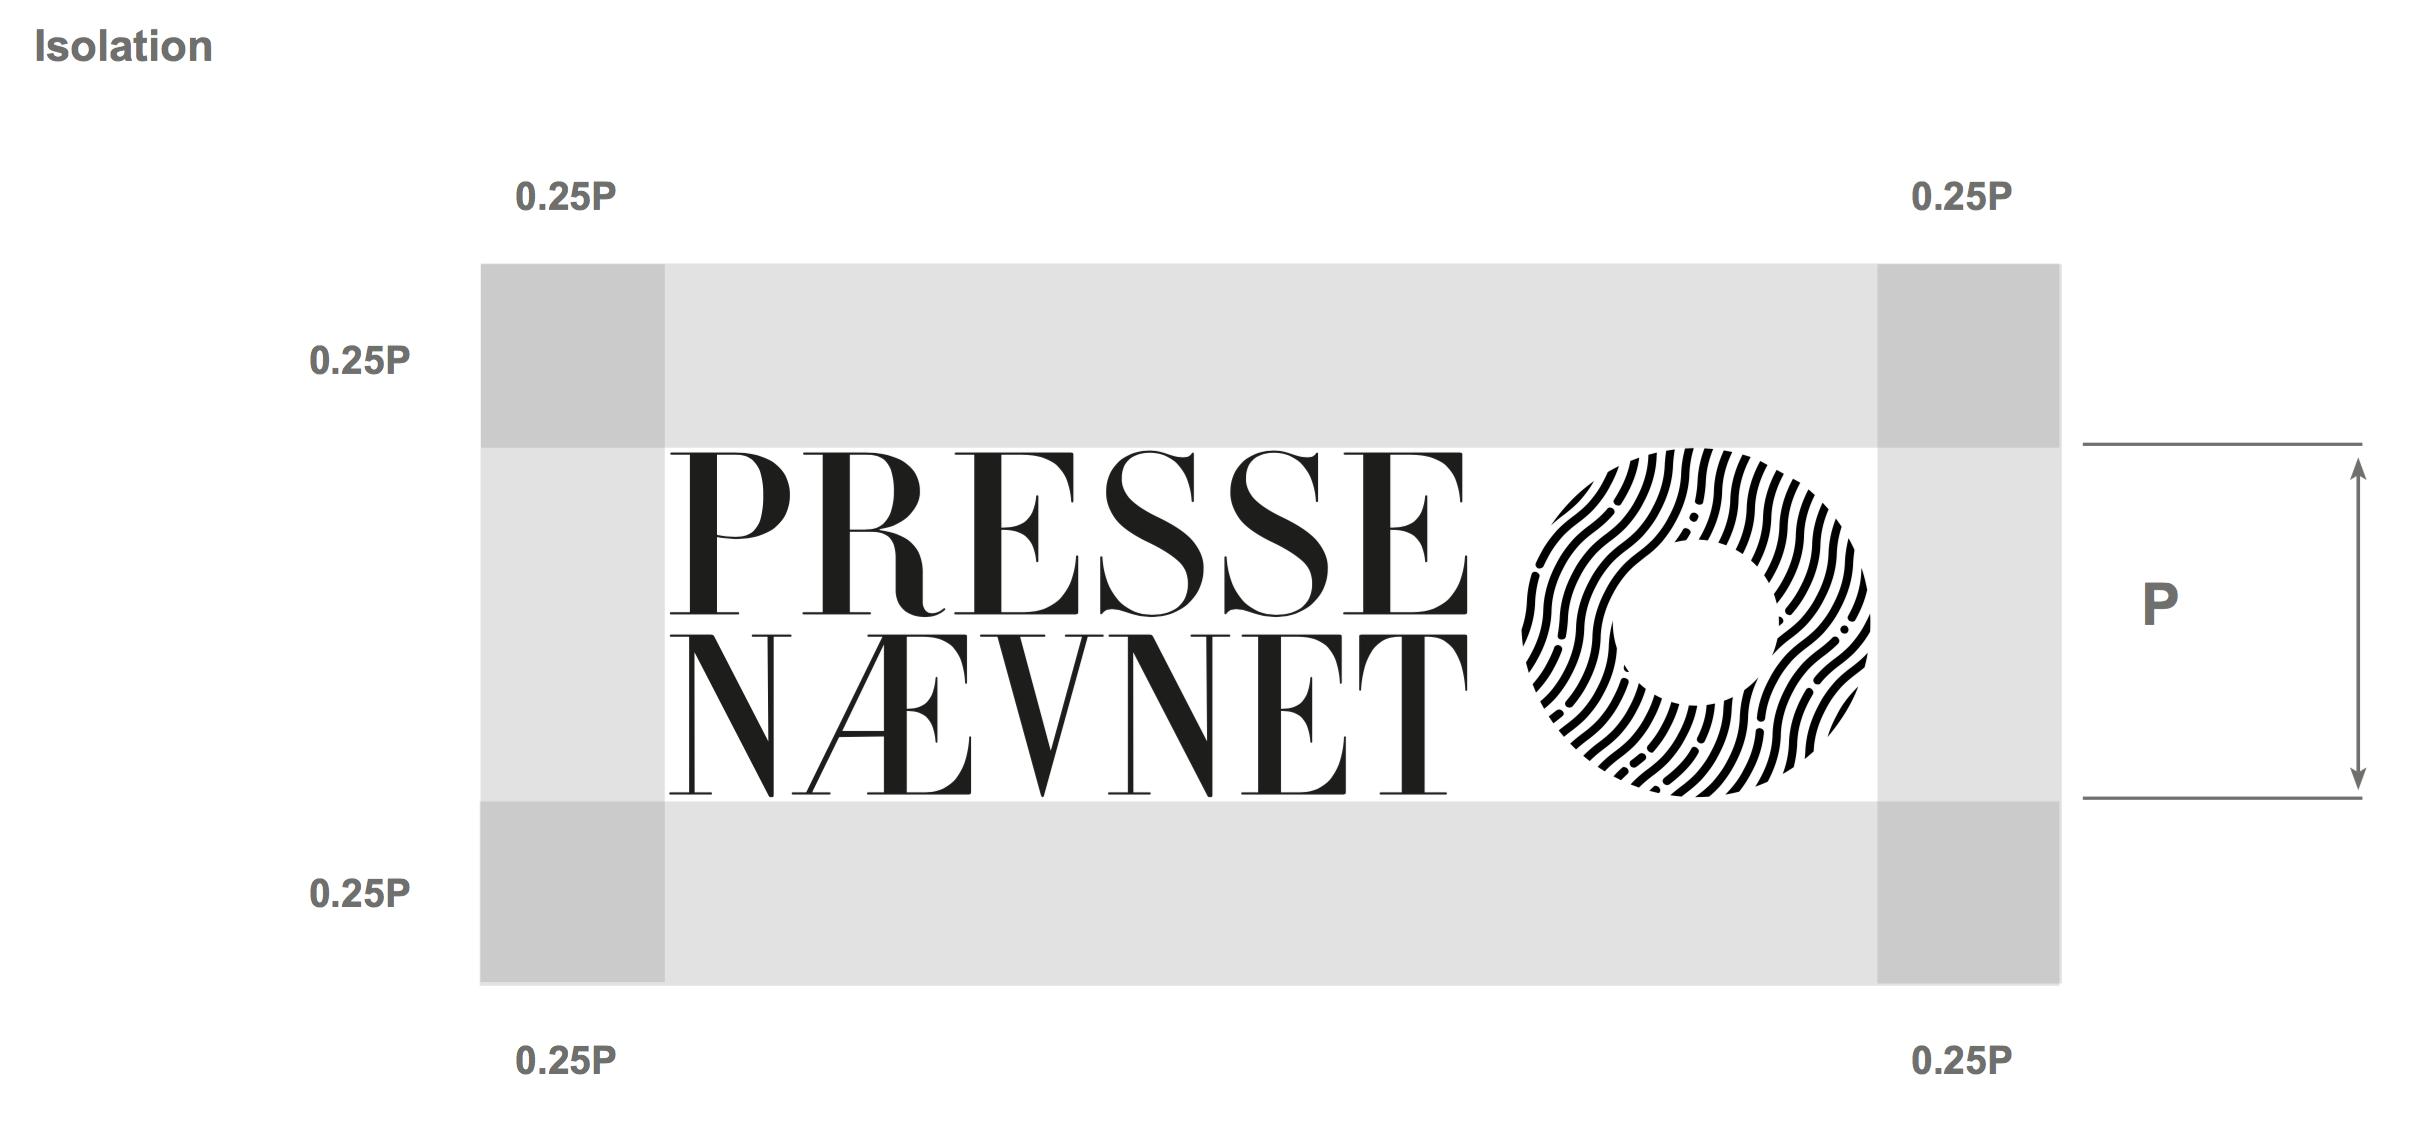 Pressenævnet får ny visuel identitet, hjemmeside og sagsstyringssystem